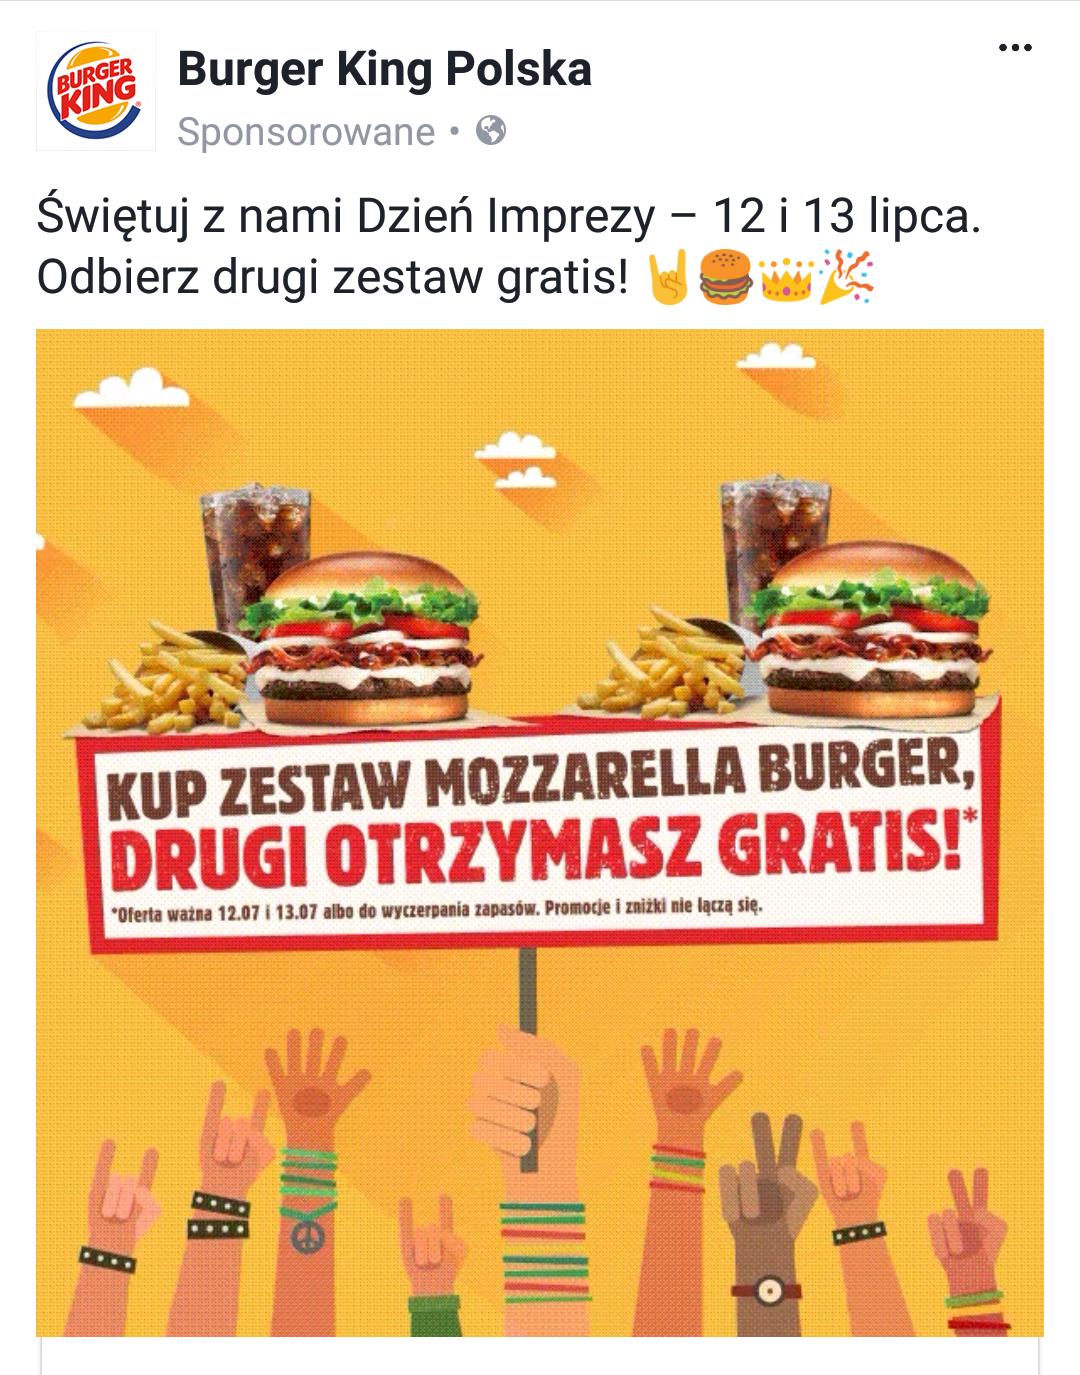 Drugi zestaw Mozzarella Burger gratis 12-13.07 @Burger King